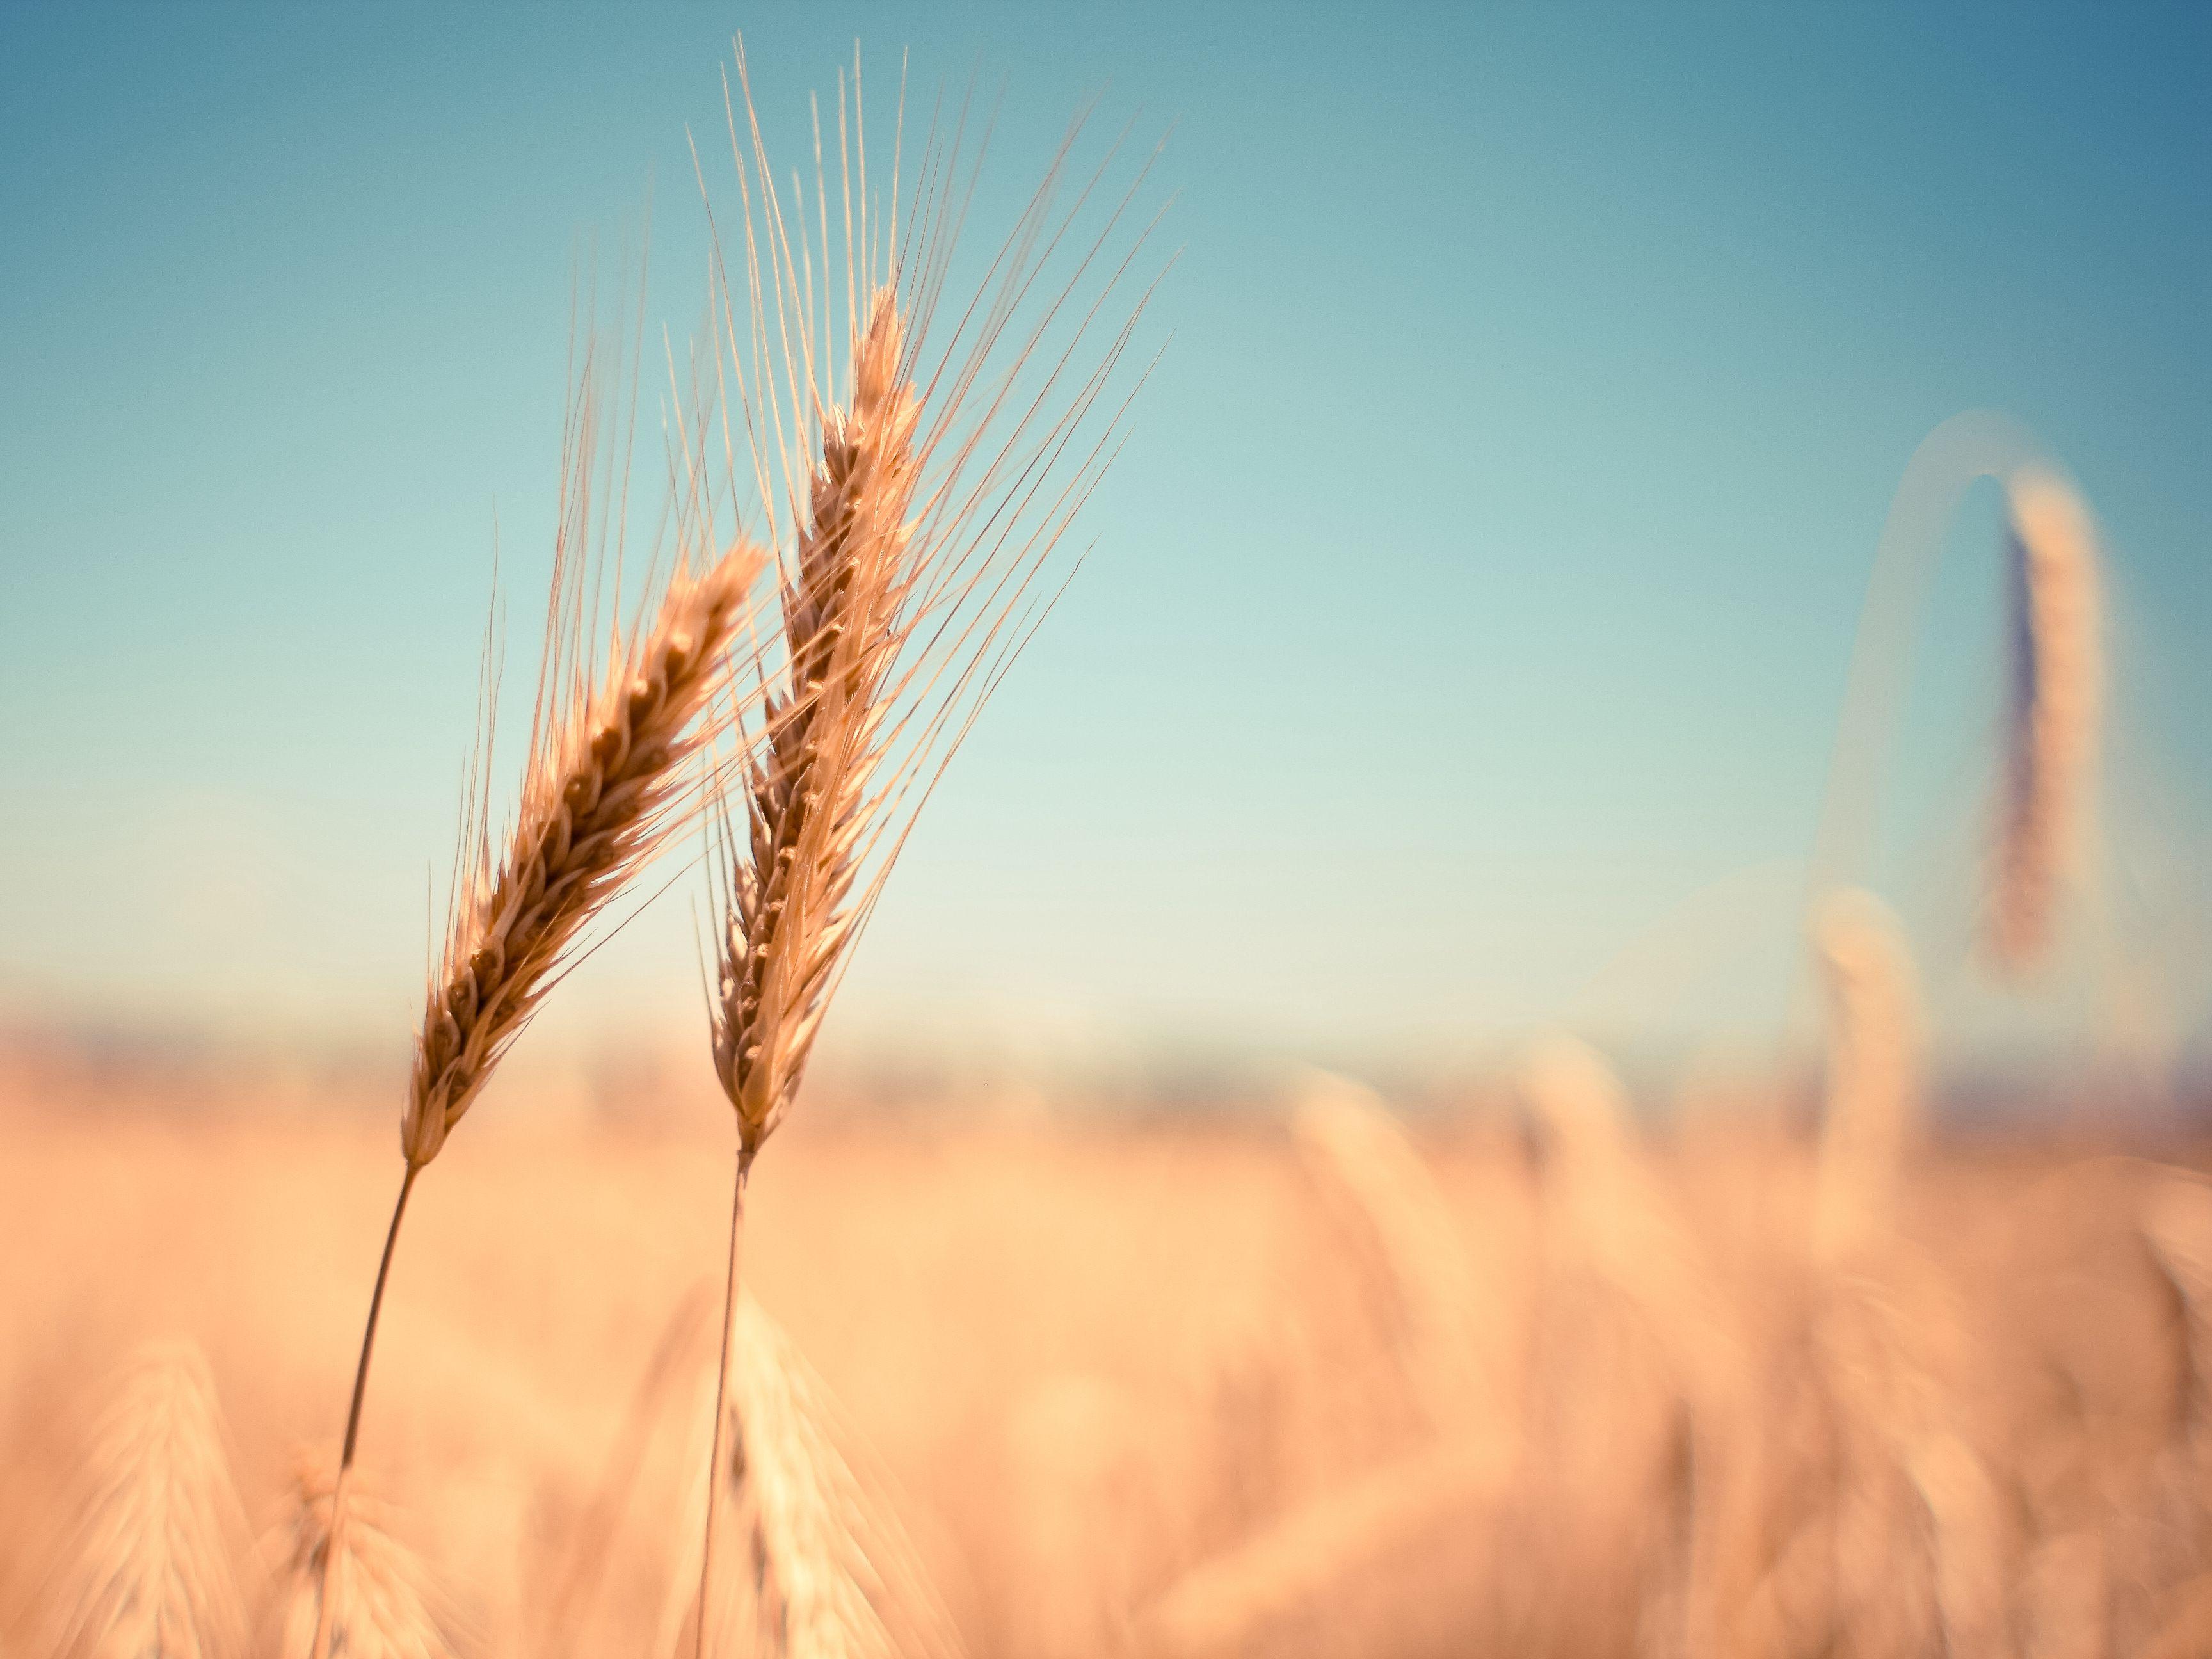 王益民:产业生态战略分析--以农业产业为例